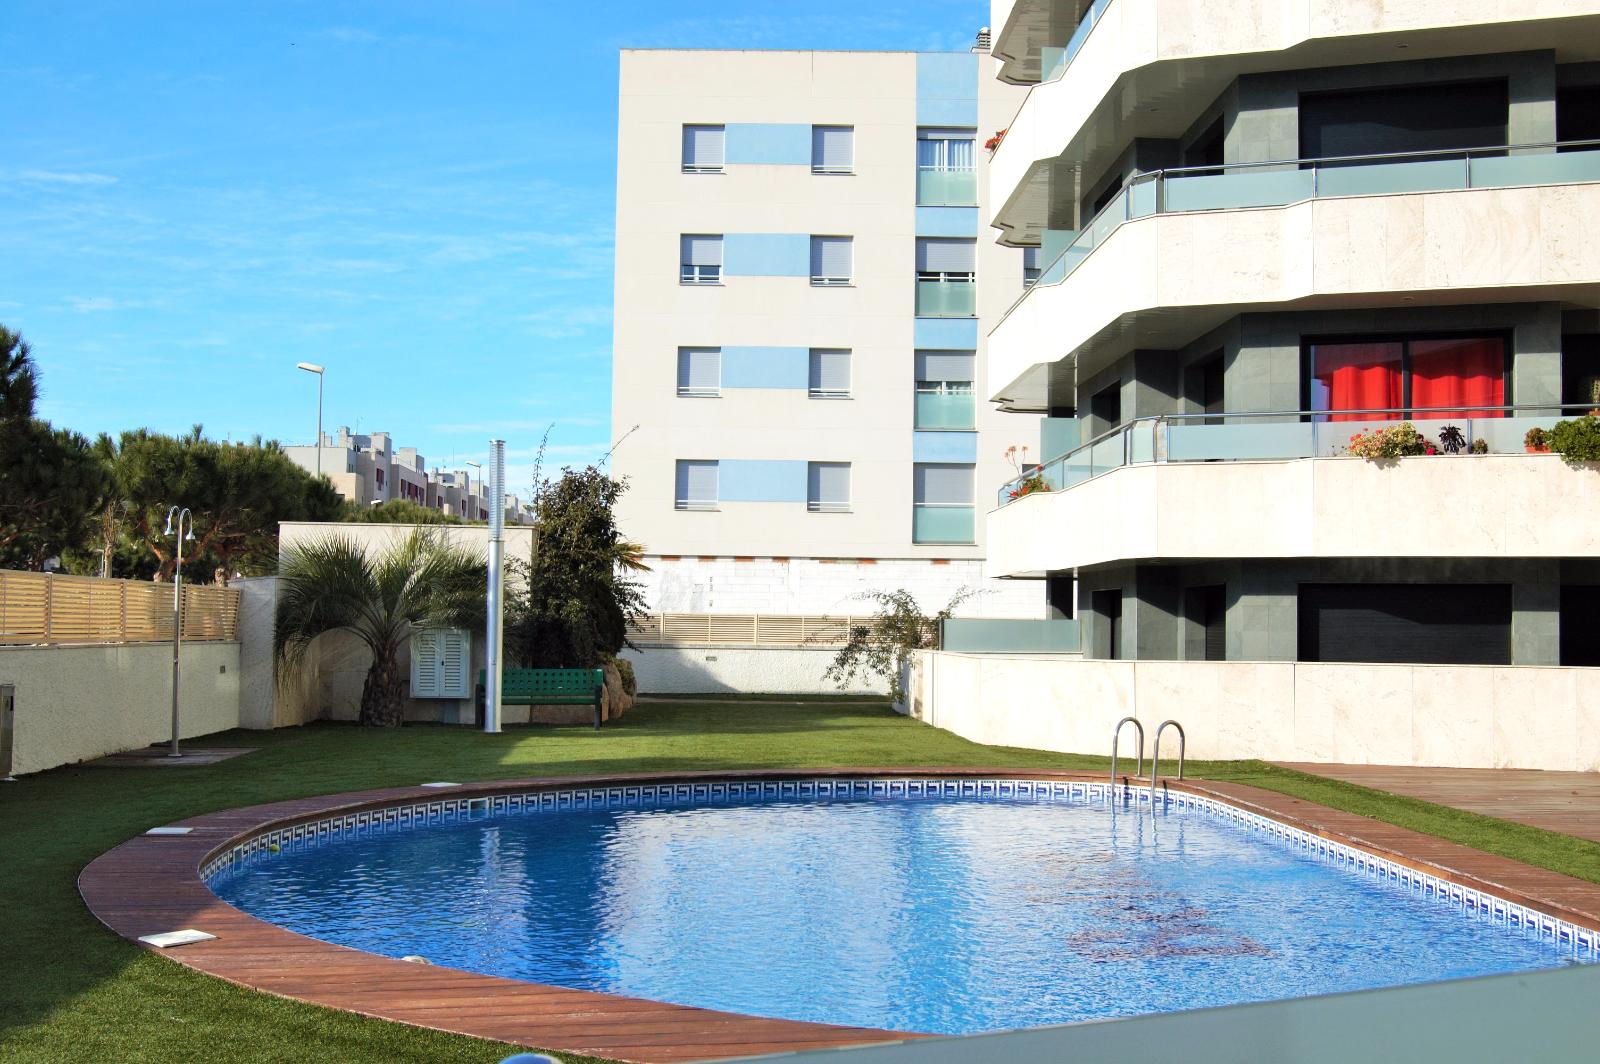 Апартаменты Max Garden900 евро/недНовые апартаменты 1 спальня, 4 спальных места, с выходом к бассейну. 200м от пляжа. г Lloret de Mar